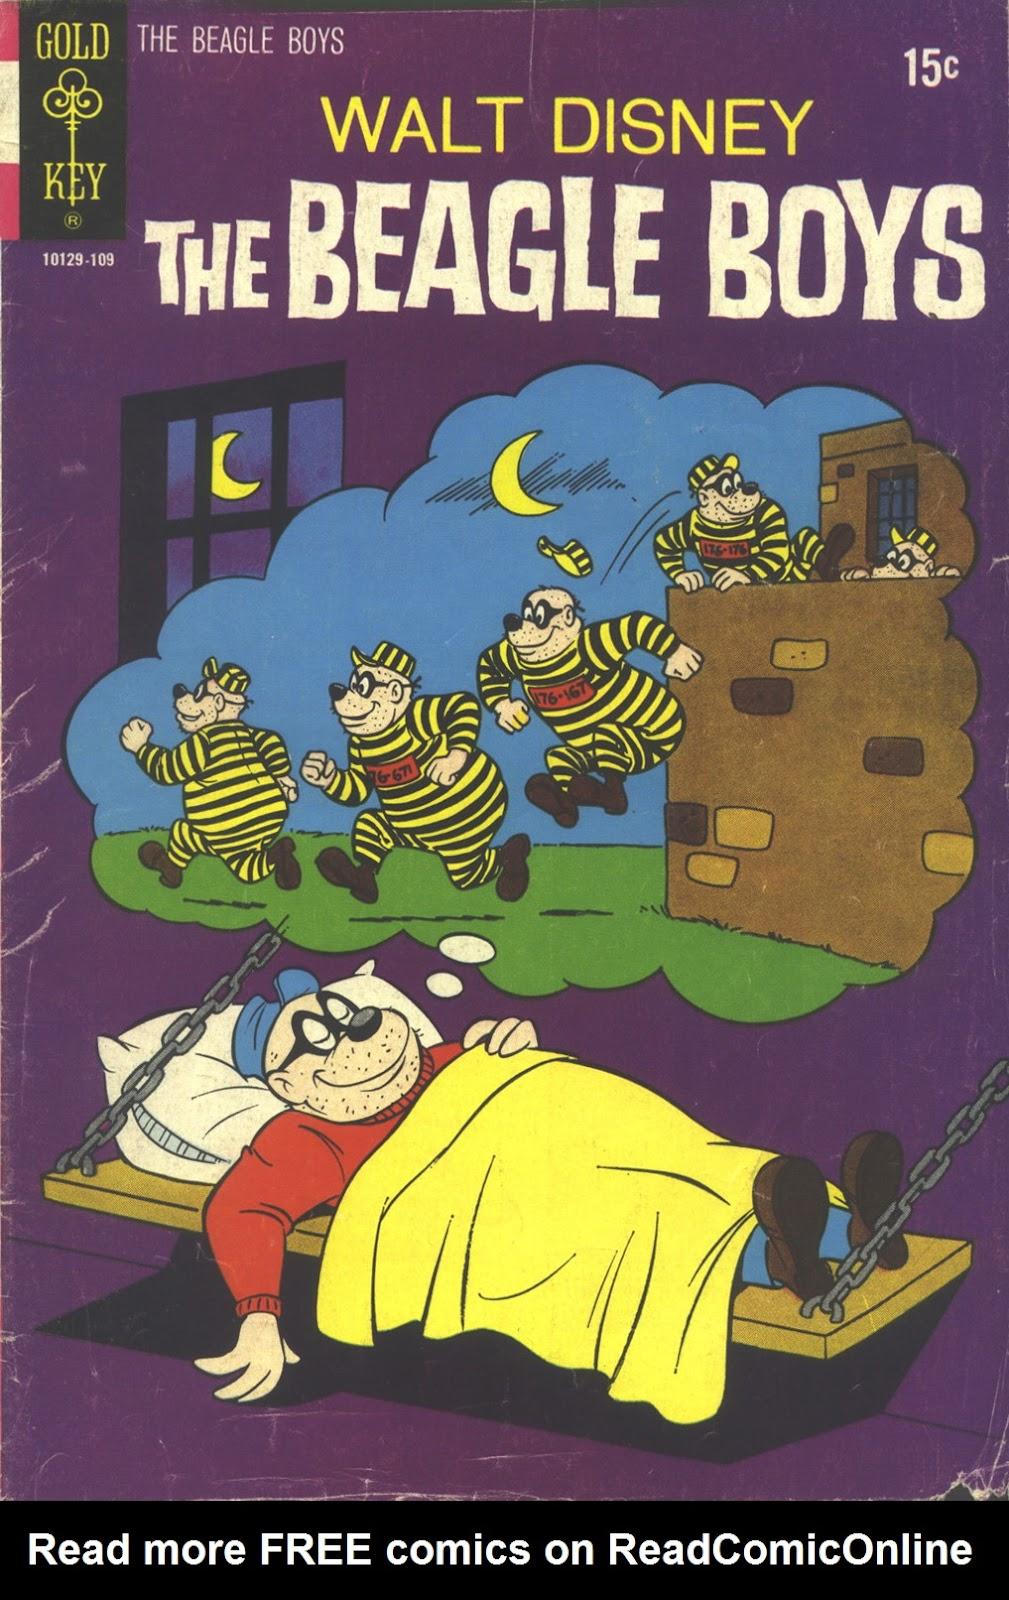 Walt Disney THE BEAGLE BOYS issue 12 - Page 1